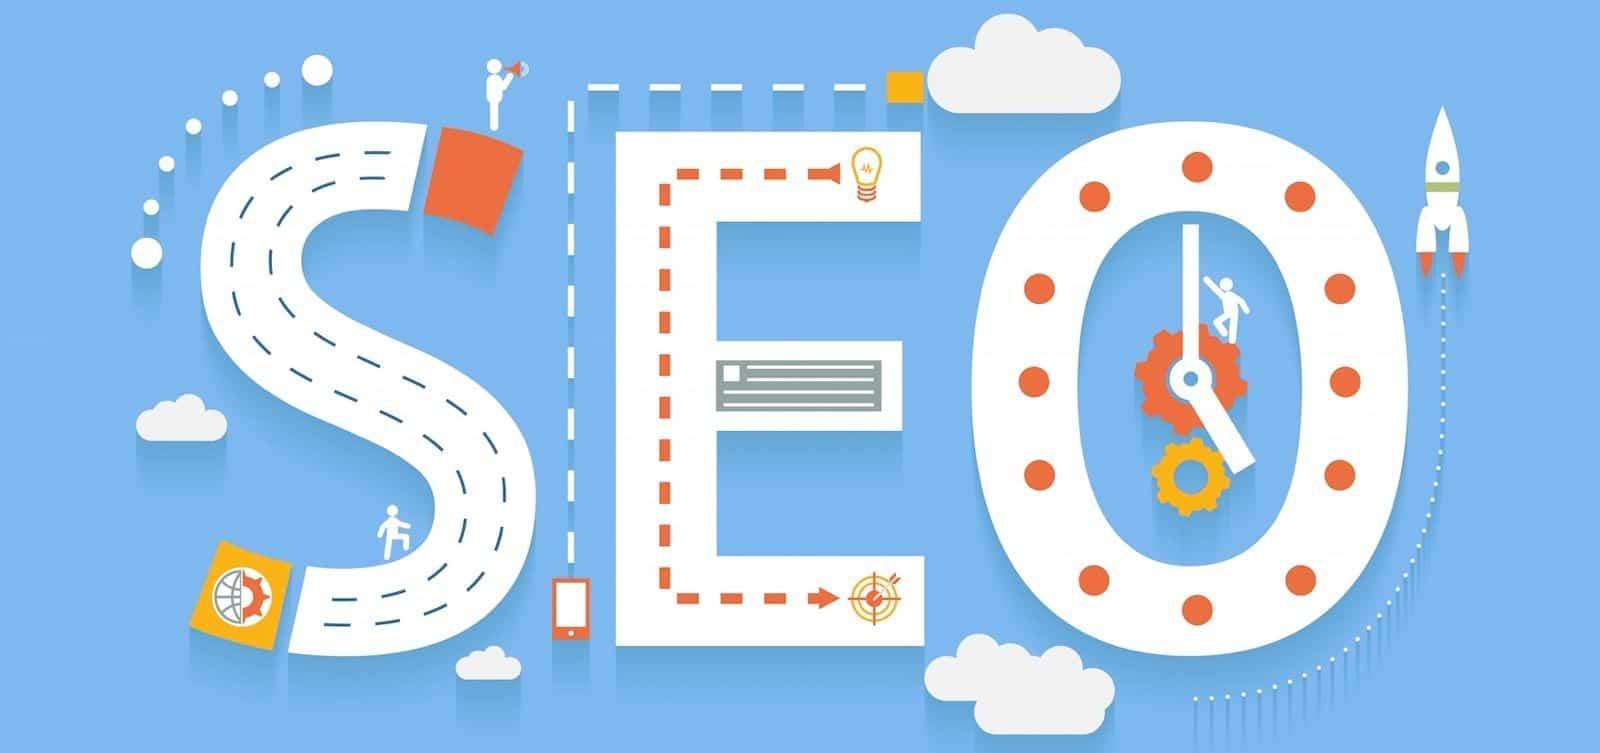 Google'da ilk sıralara nasıl çıkılır ?